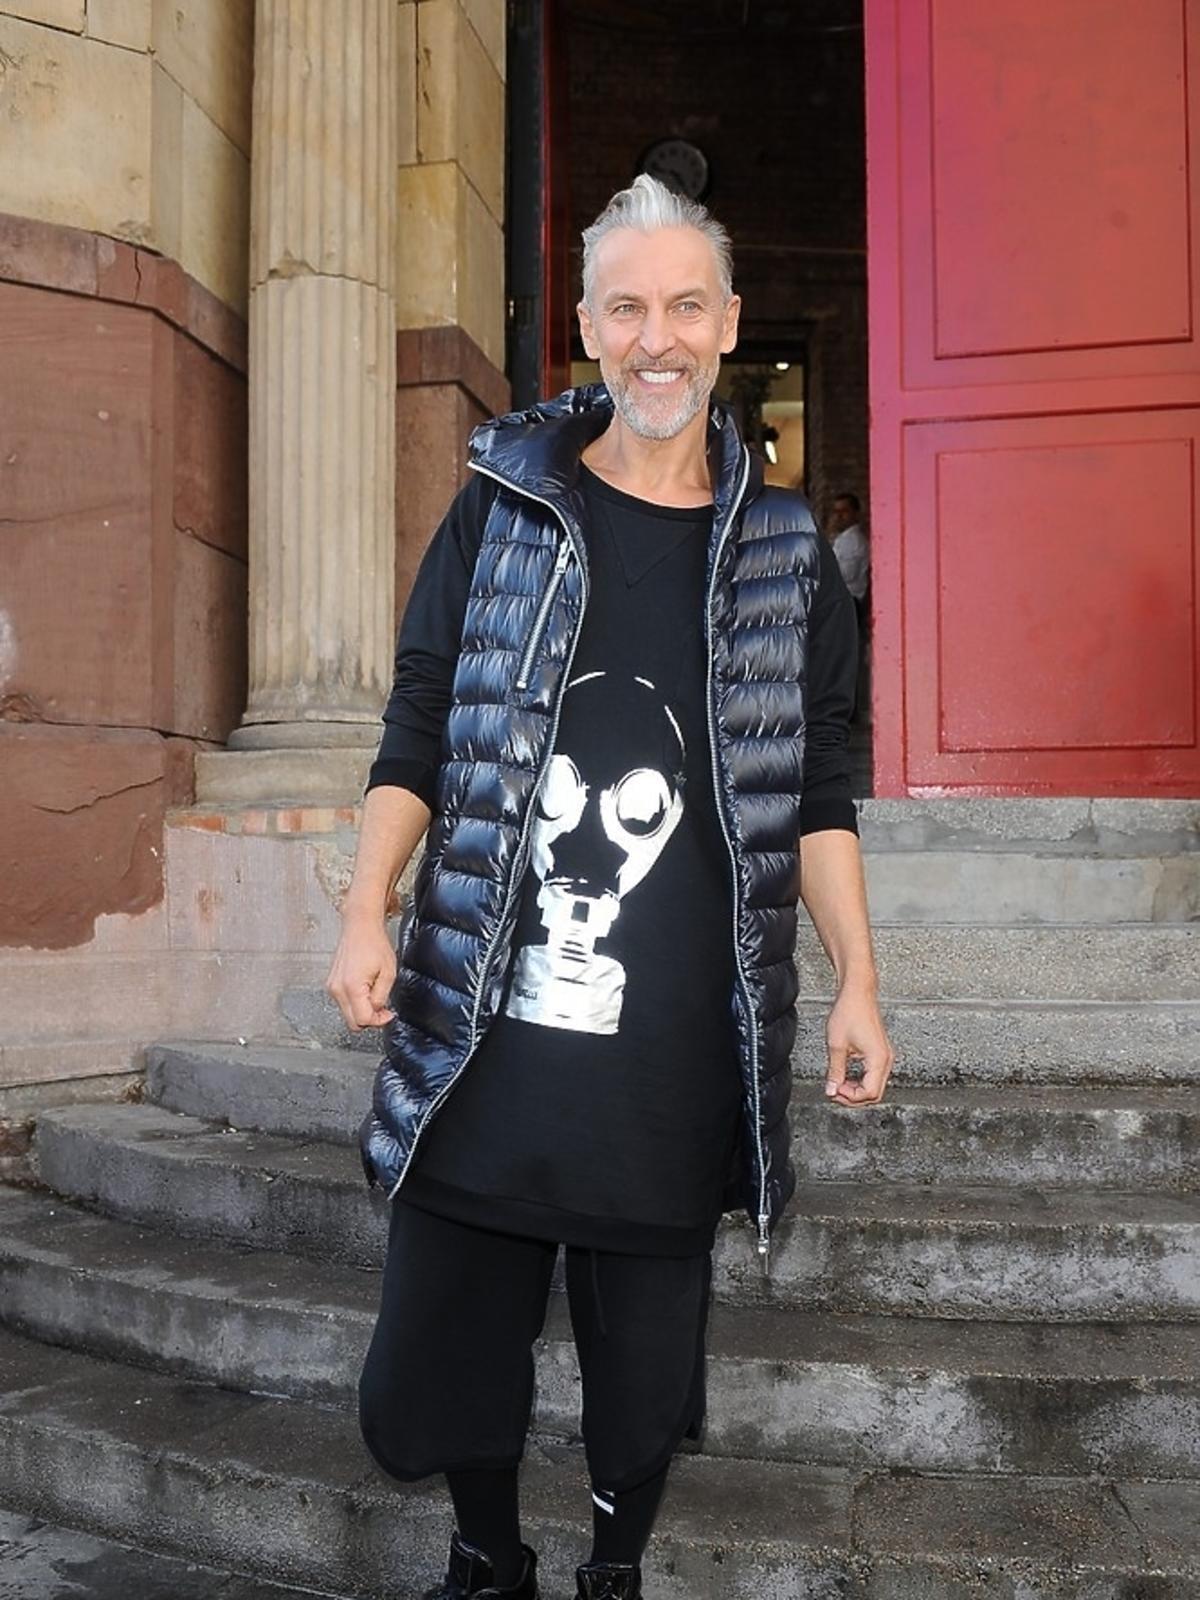 Robert Kupisz w czarnej bluzie ze znaczkiem maski gazowej na ulicy